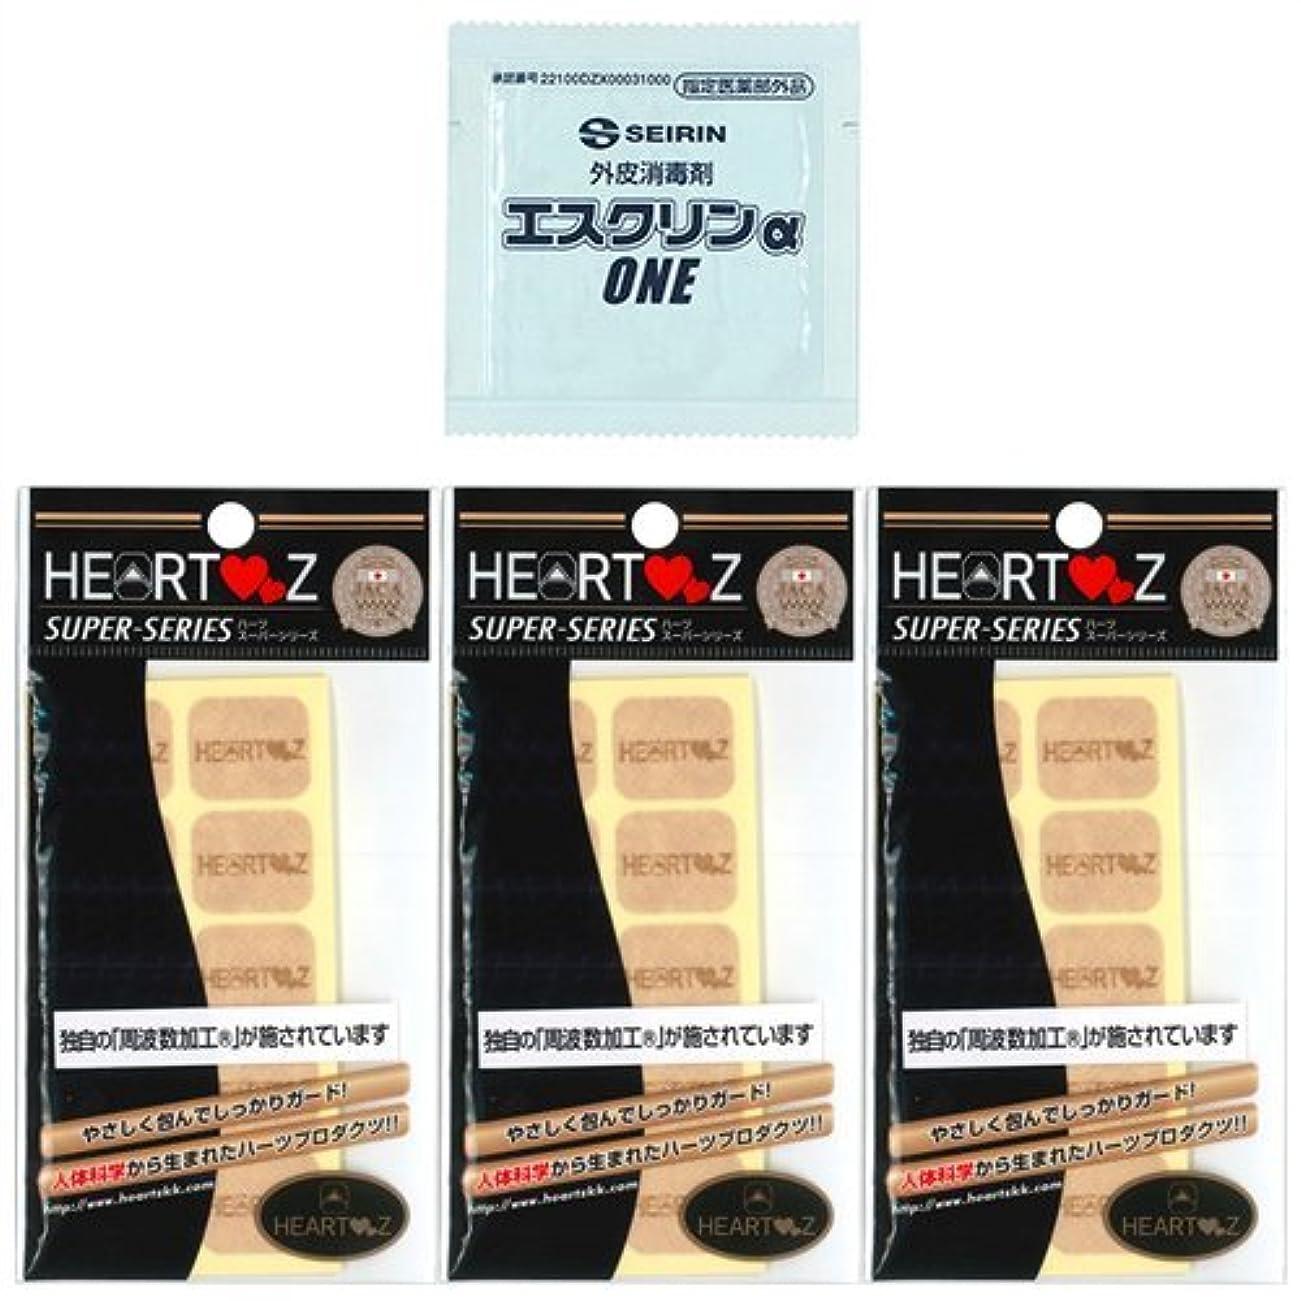 統合コミットやさしく【HEARTZ(ハーツ)】ハーツスーパーシール レギュラータイプ 80枚入×3個セット (計240枚) + エスクリンαONEx1個 セット